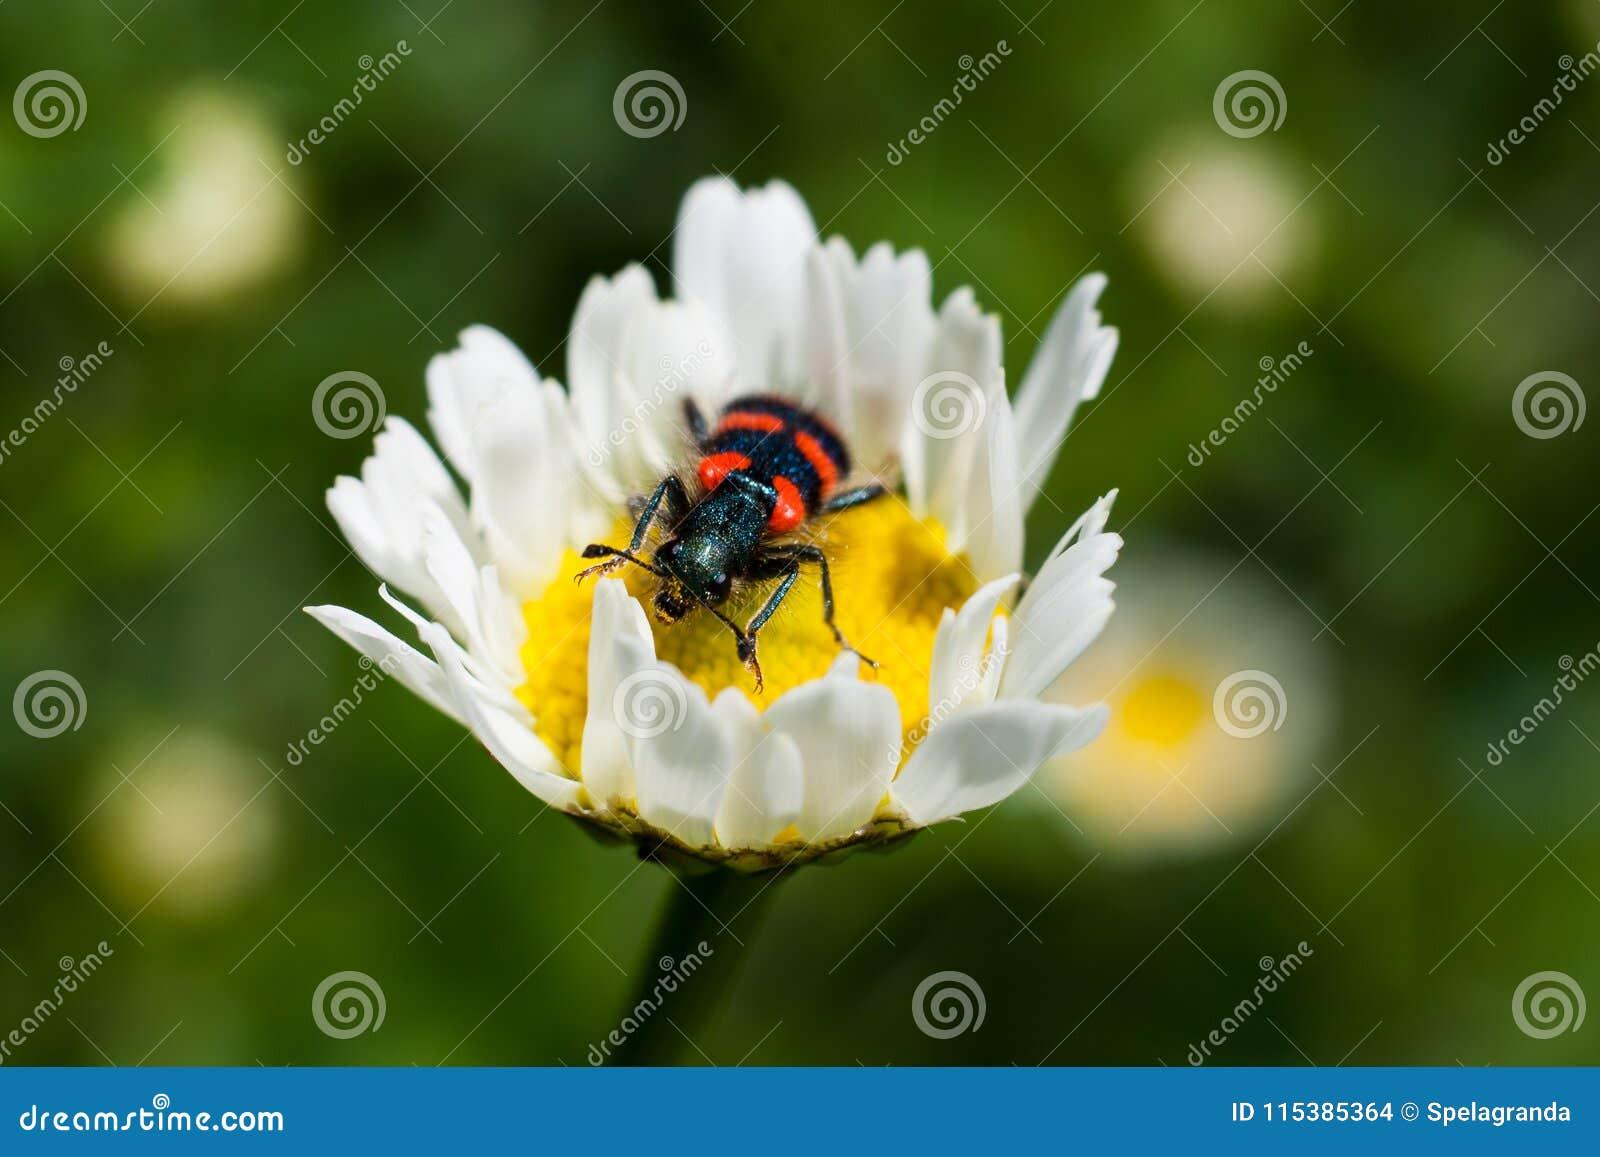 Een klein insect met rode en zwarte strepen